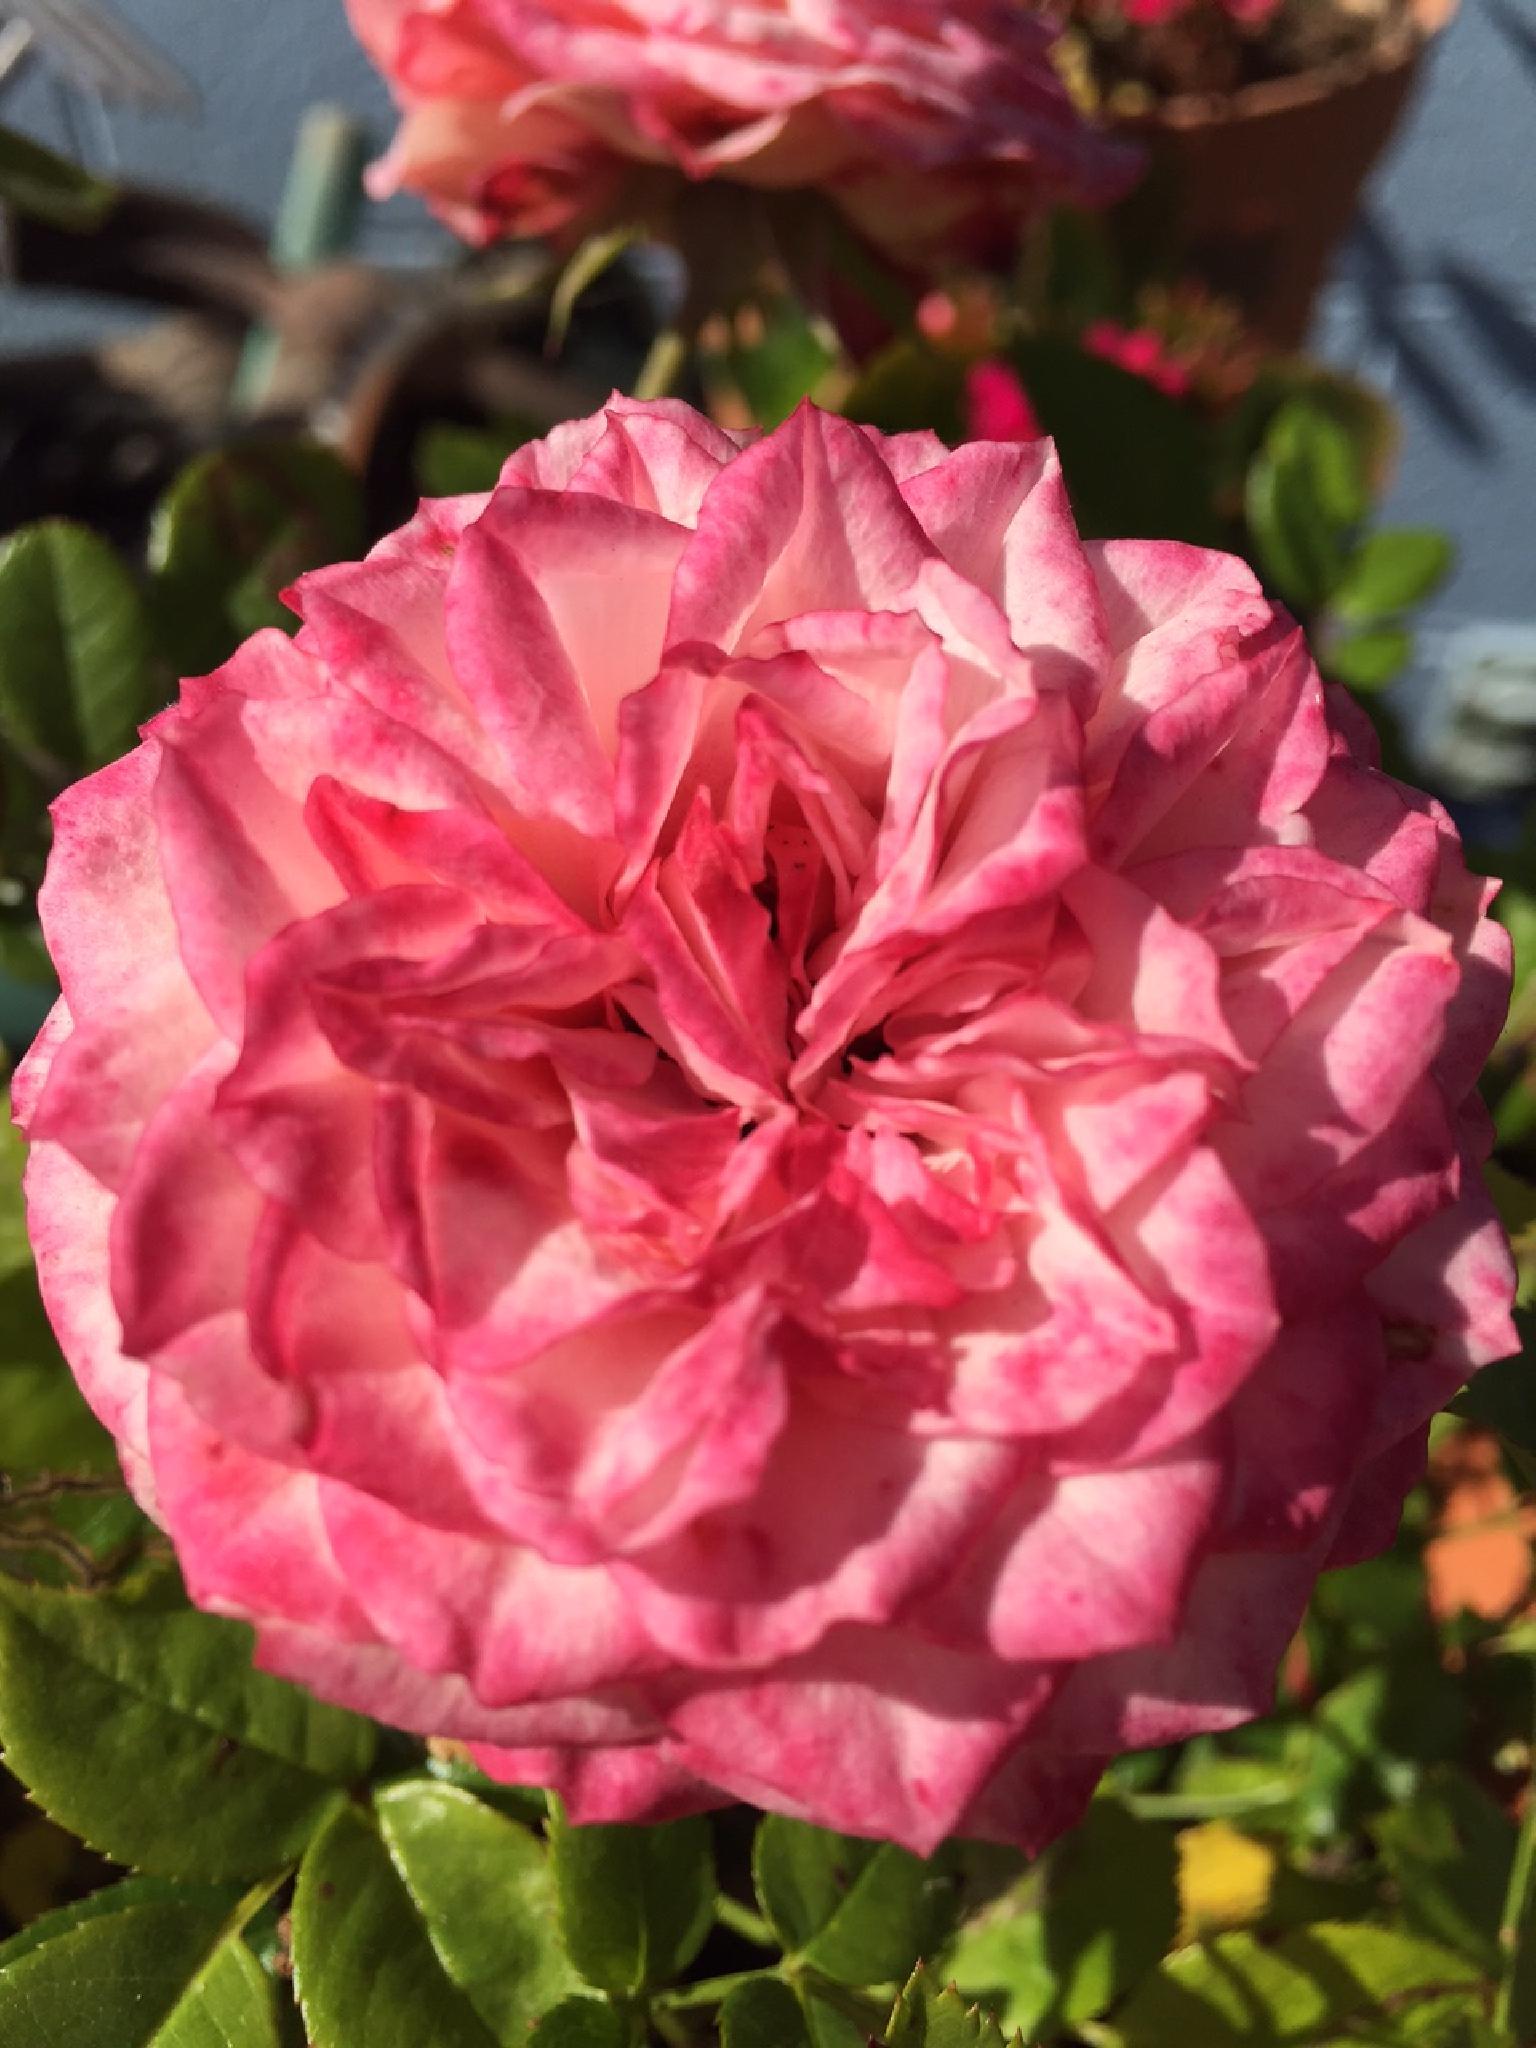 Lovely Miniature Pink Rose by beth.heynen.1